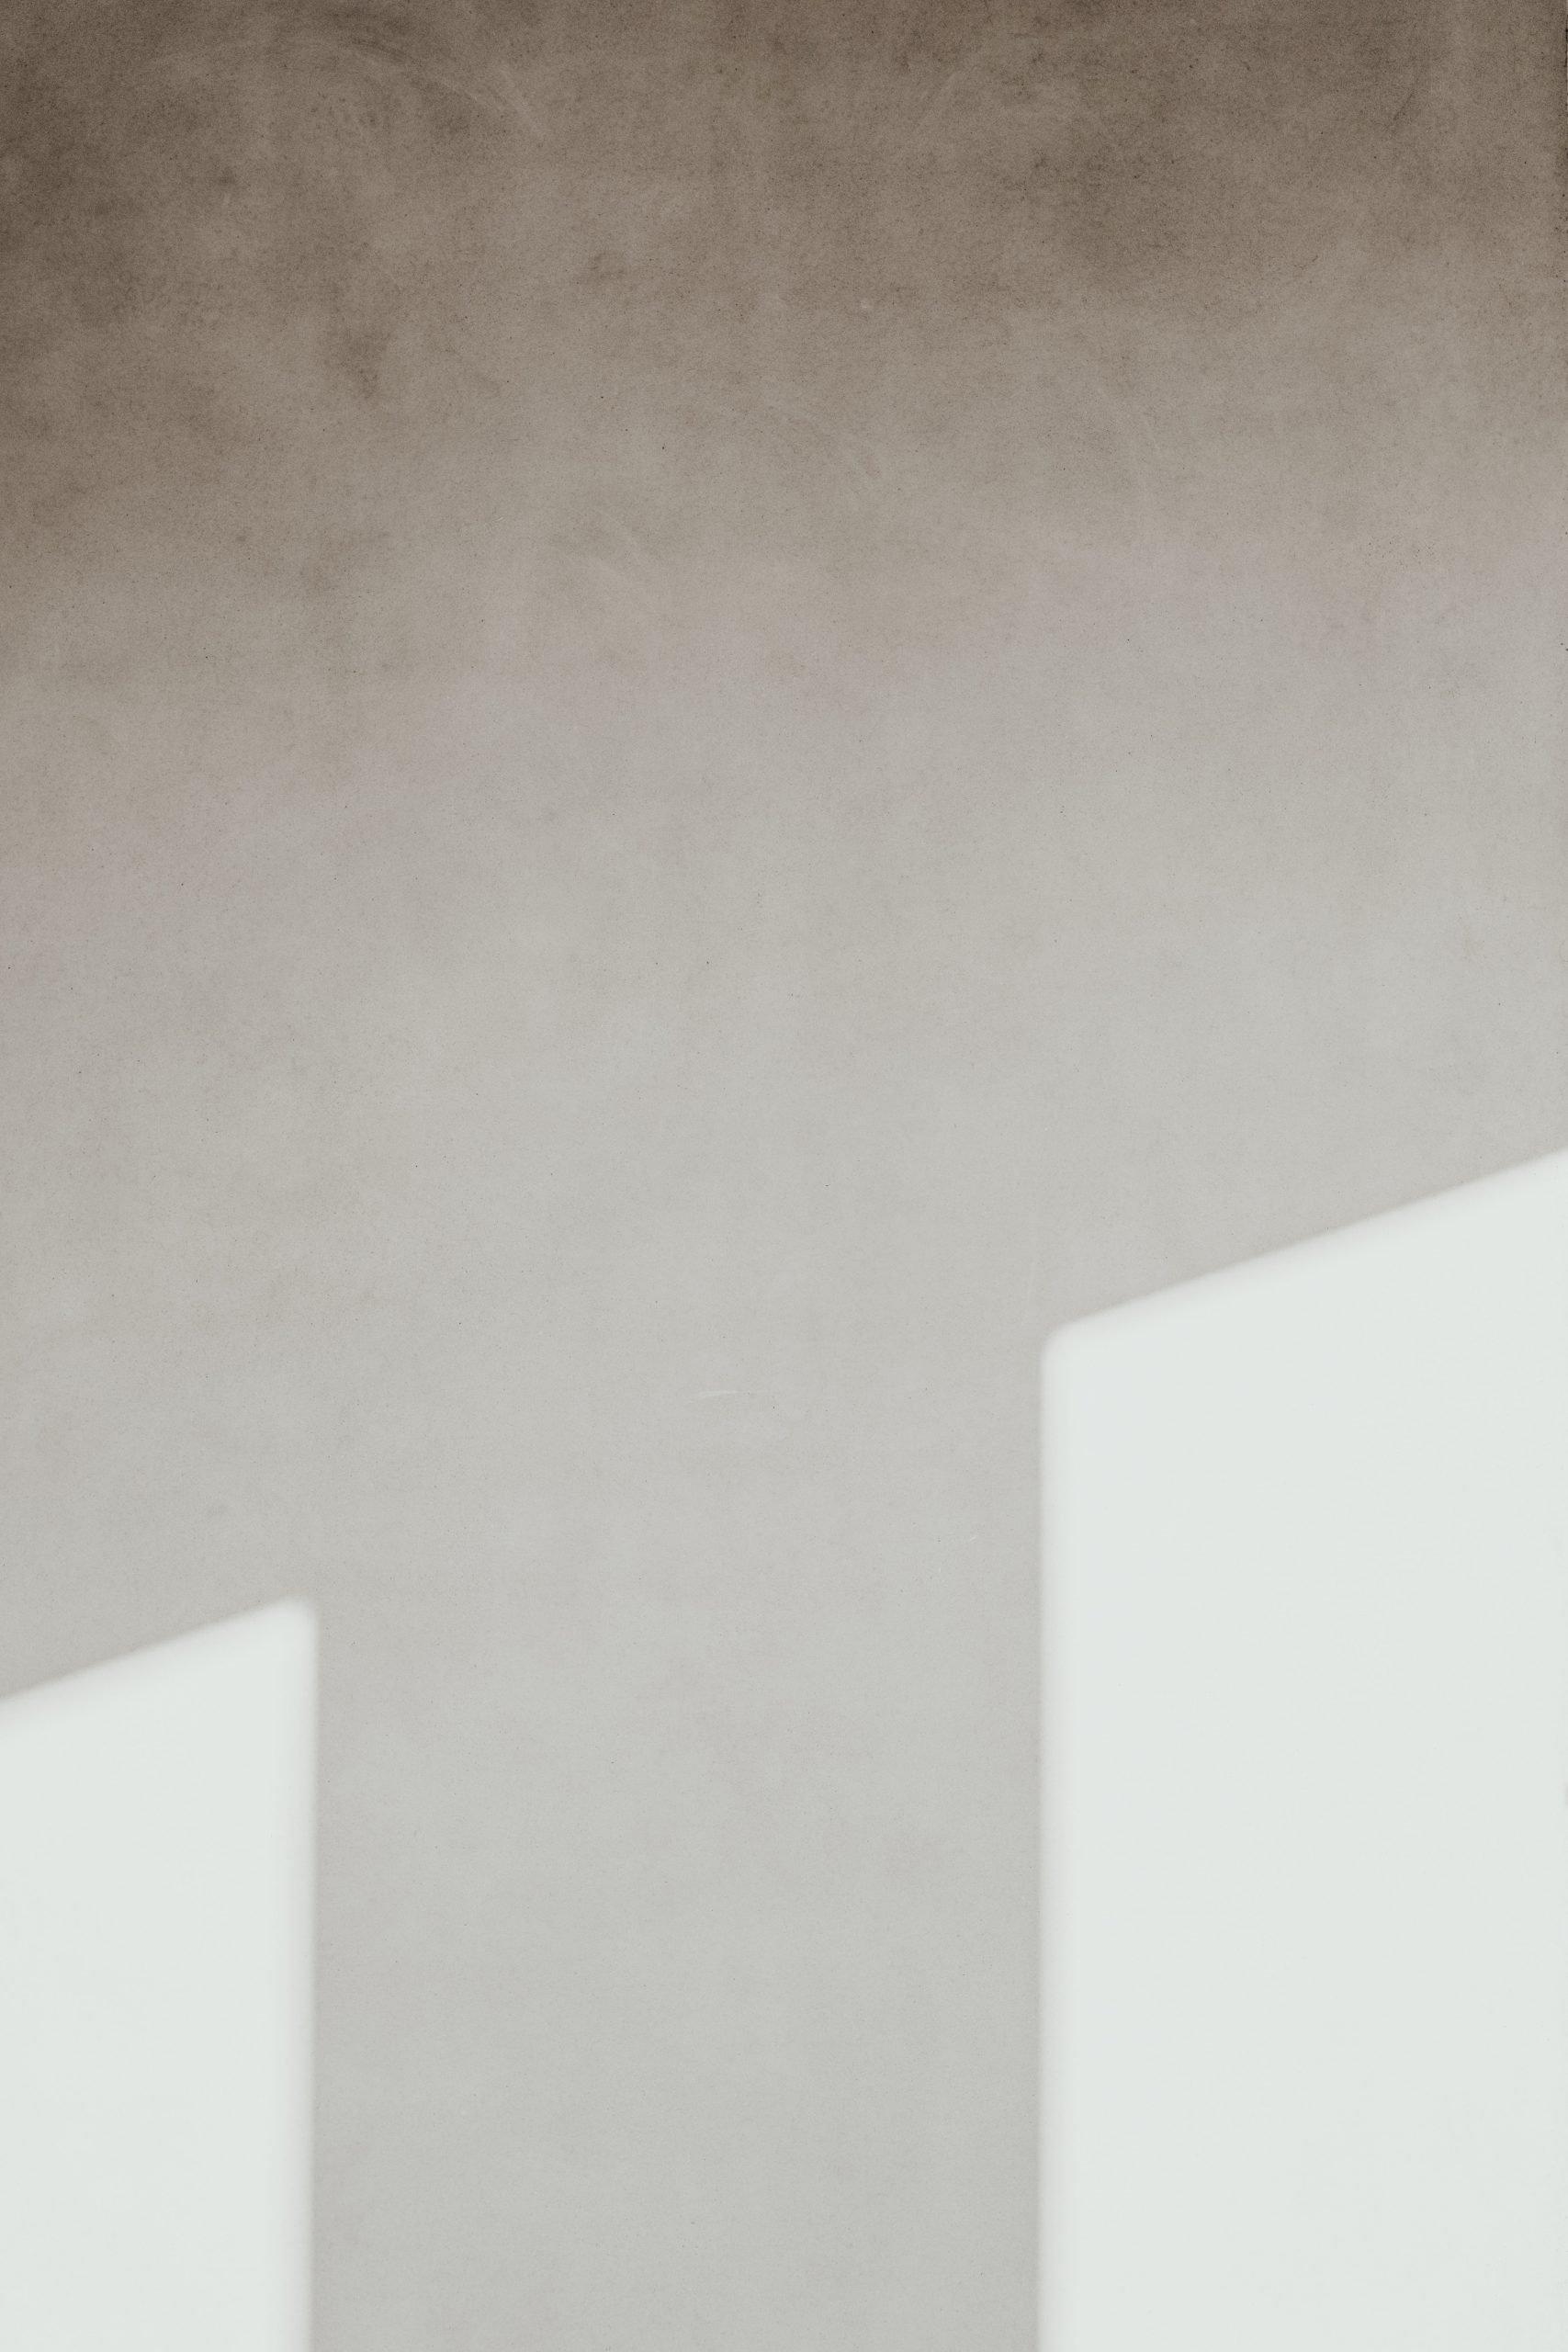 bernard-hermant-u7VDgNGb78w-unsplash